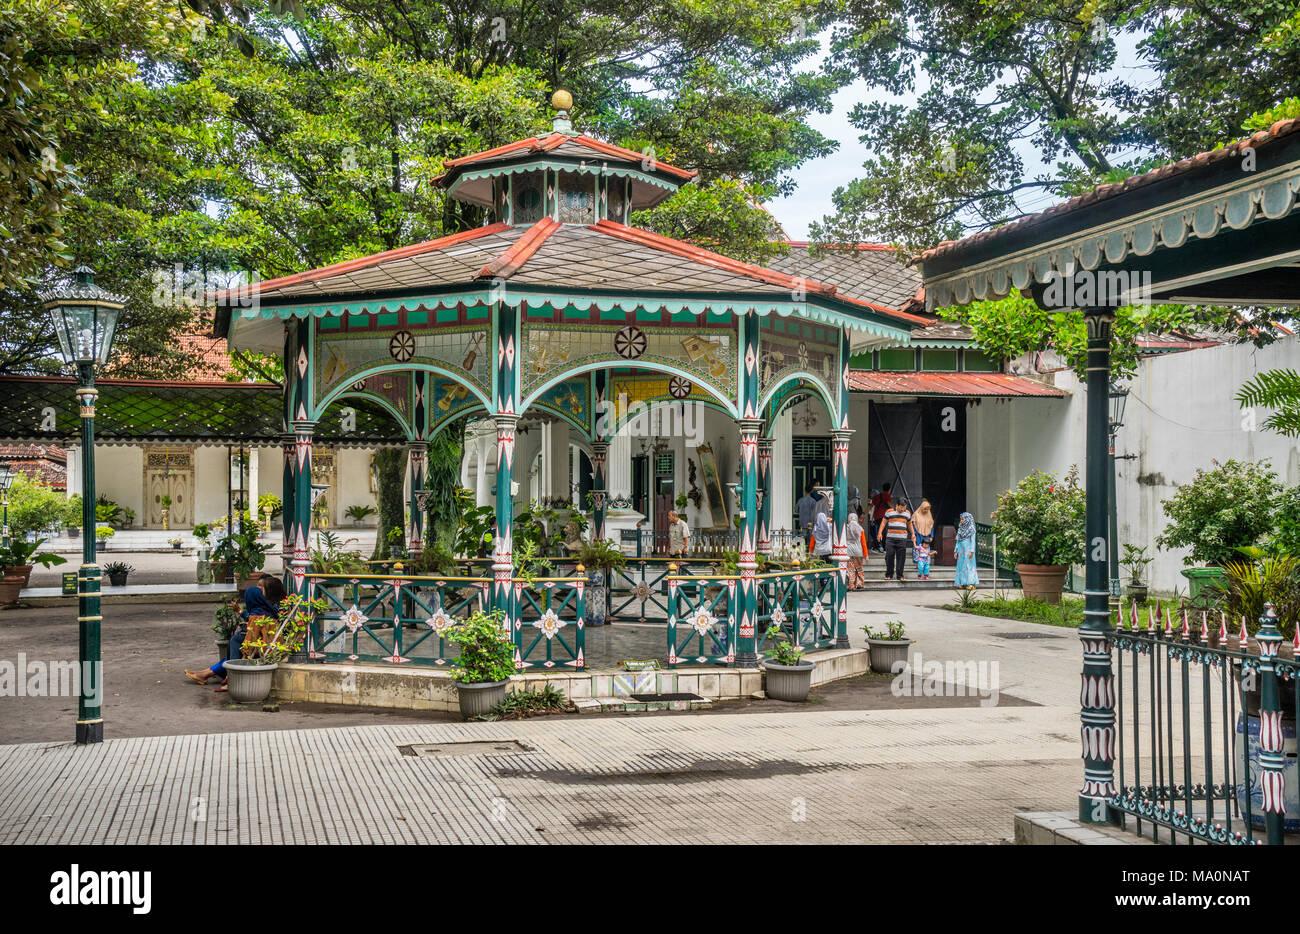 rotunda pavilion at the Kraton Ngayogyakarta Hadiningrat, the palace of the Yogyakarta Sultanate, Central Java, Indonesia - Stock Image